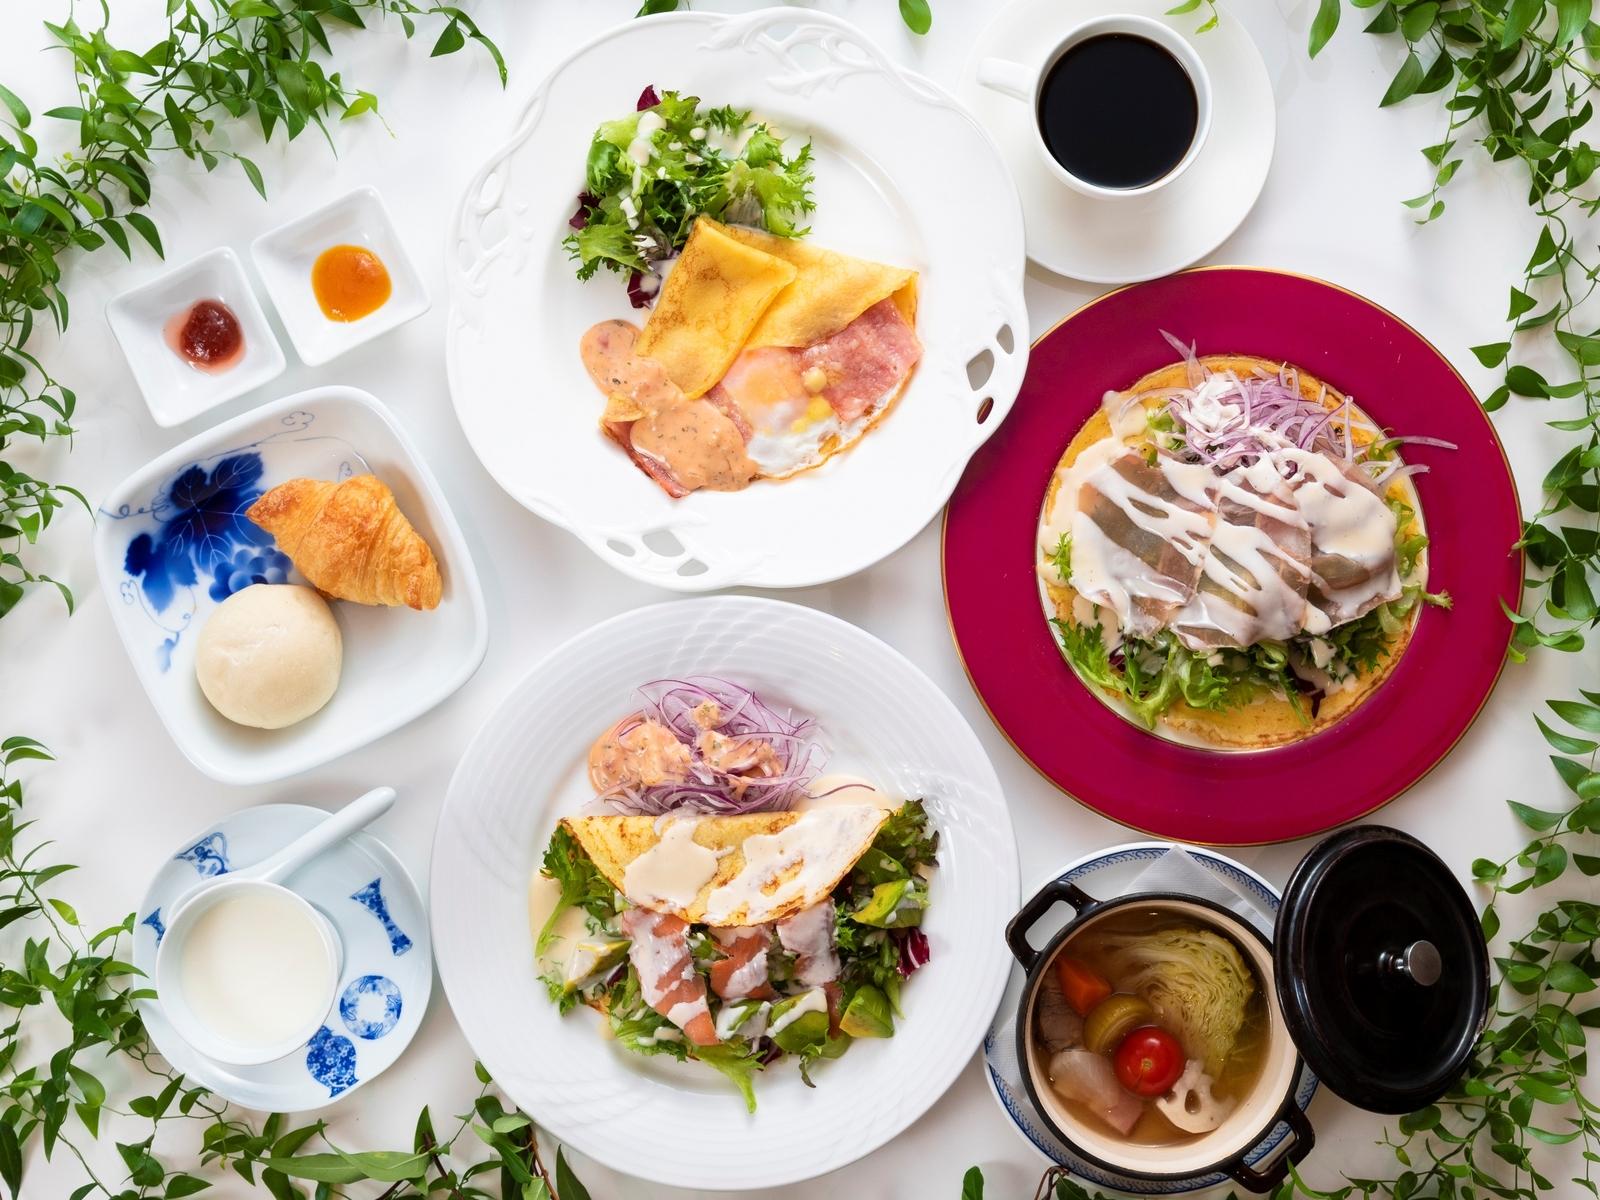 ガーデンテラス佐賀ホテル&マリトピア / お二人だけの特別な1日を~カップルプラン~(朝食付)